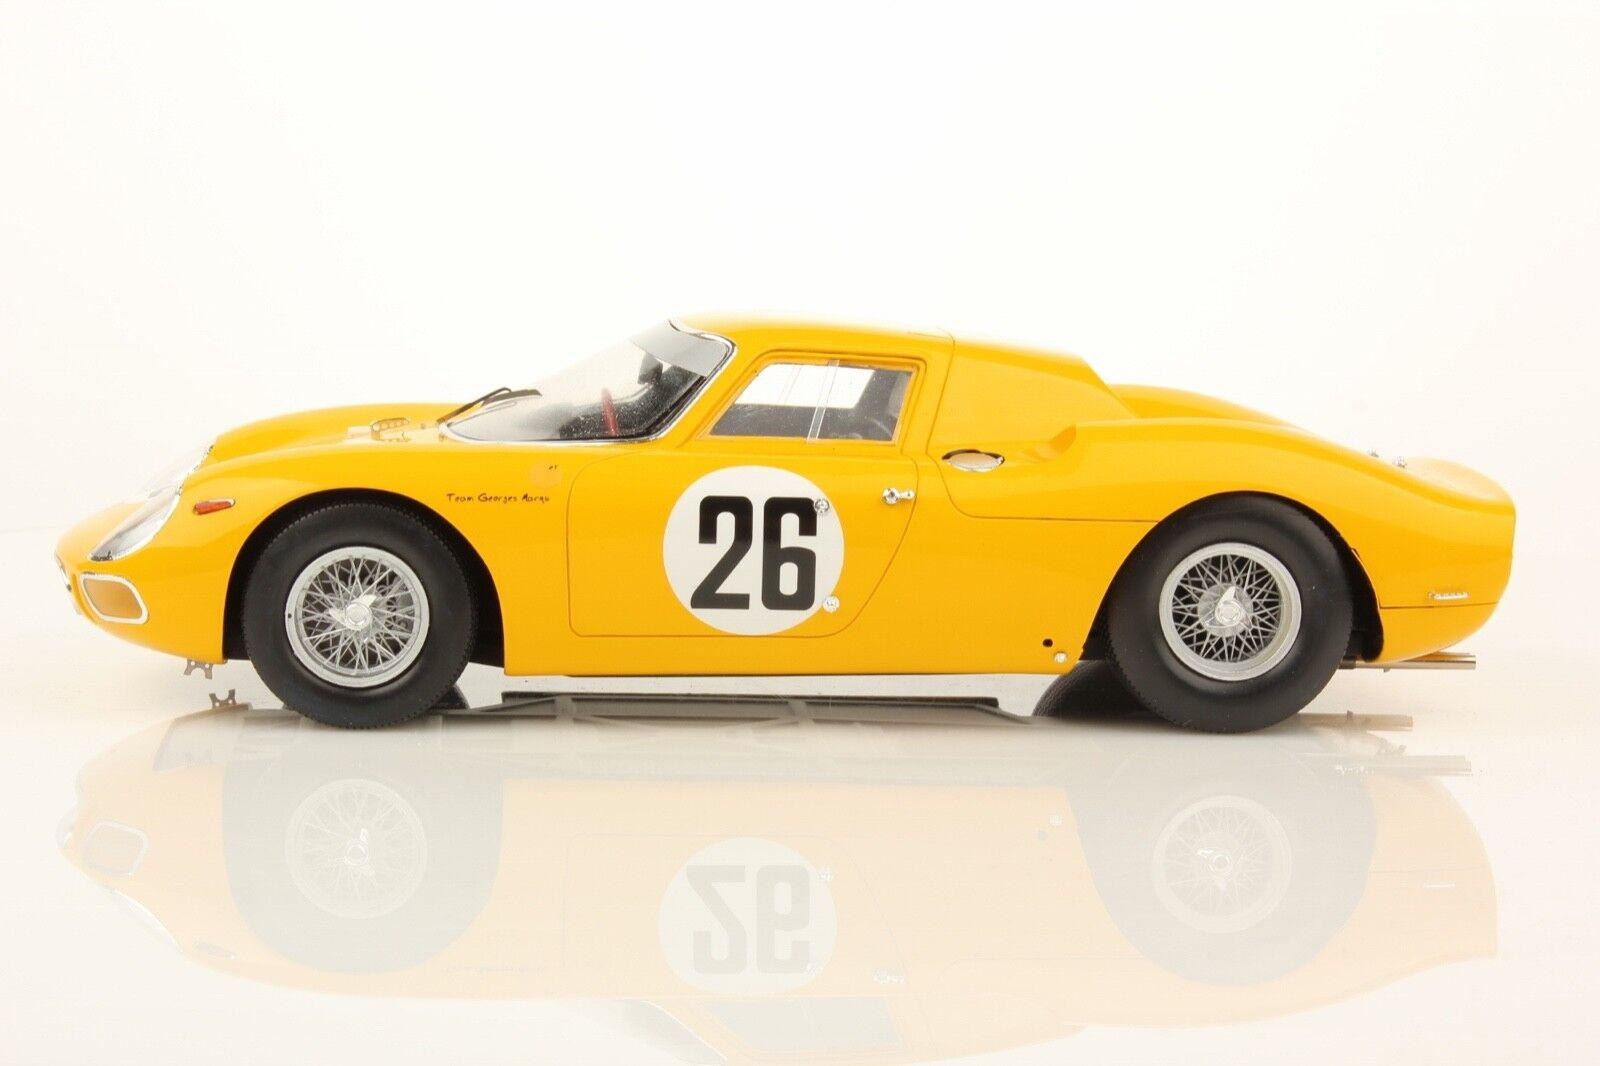 Ven a elegir tu propio estilo deportivo. Ferrari 250 (275) Lm N.26 2Nd 2Nd 2Nd Lm 1965 P.Dumay-G.Gosselin 1 18 Looksmart LS18LM04  alta calidad y envío rápido